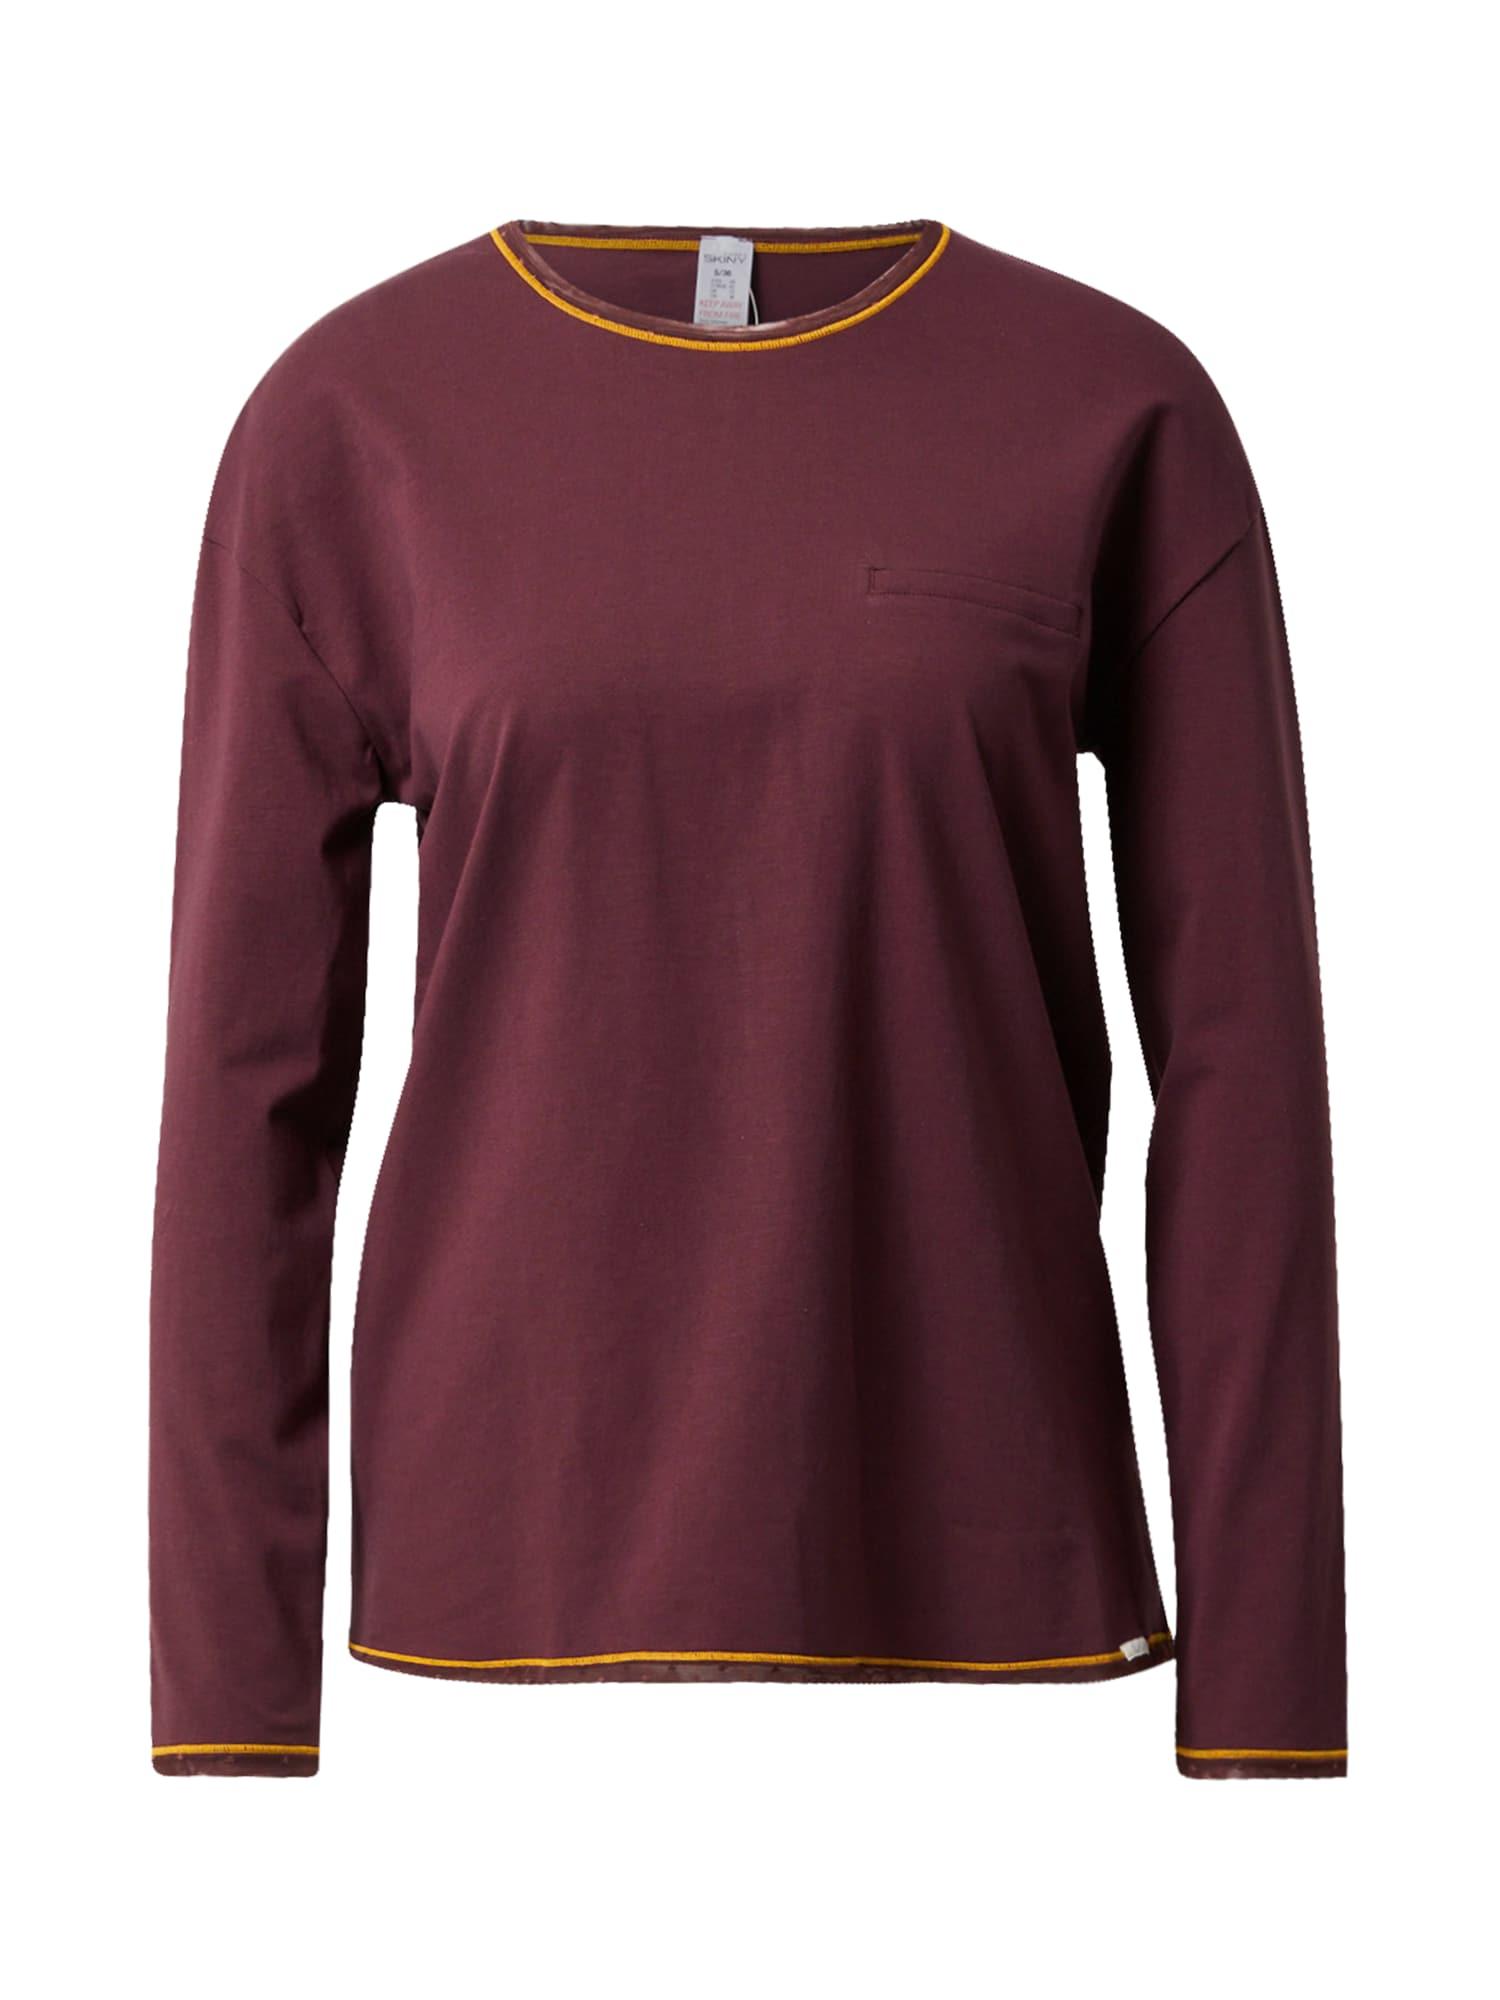 Skiny Pižaminiai marškinėliai tamsiai violetinė / oranžinė